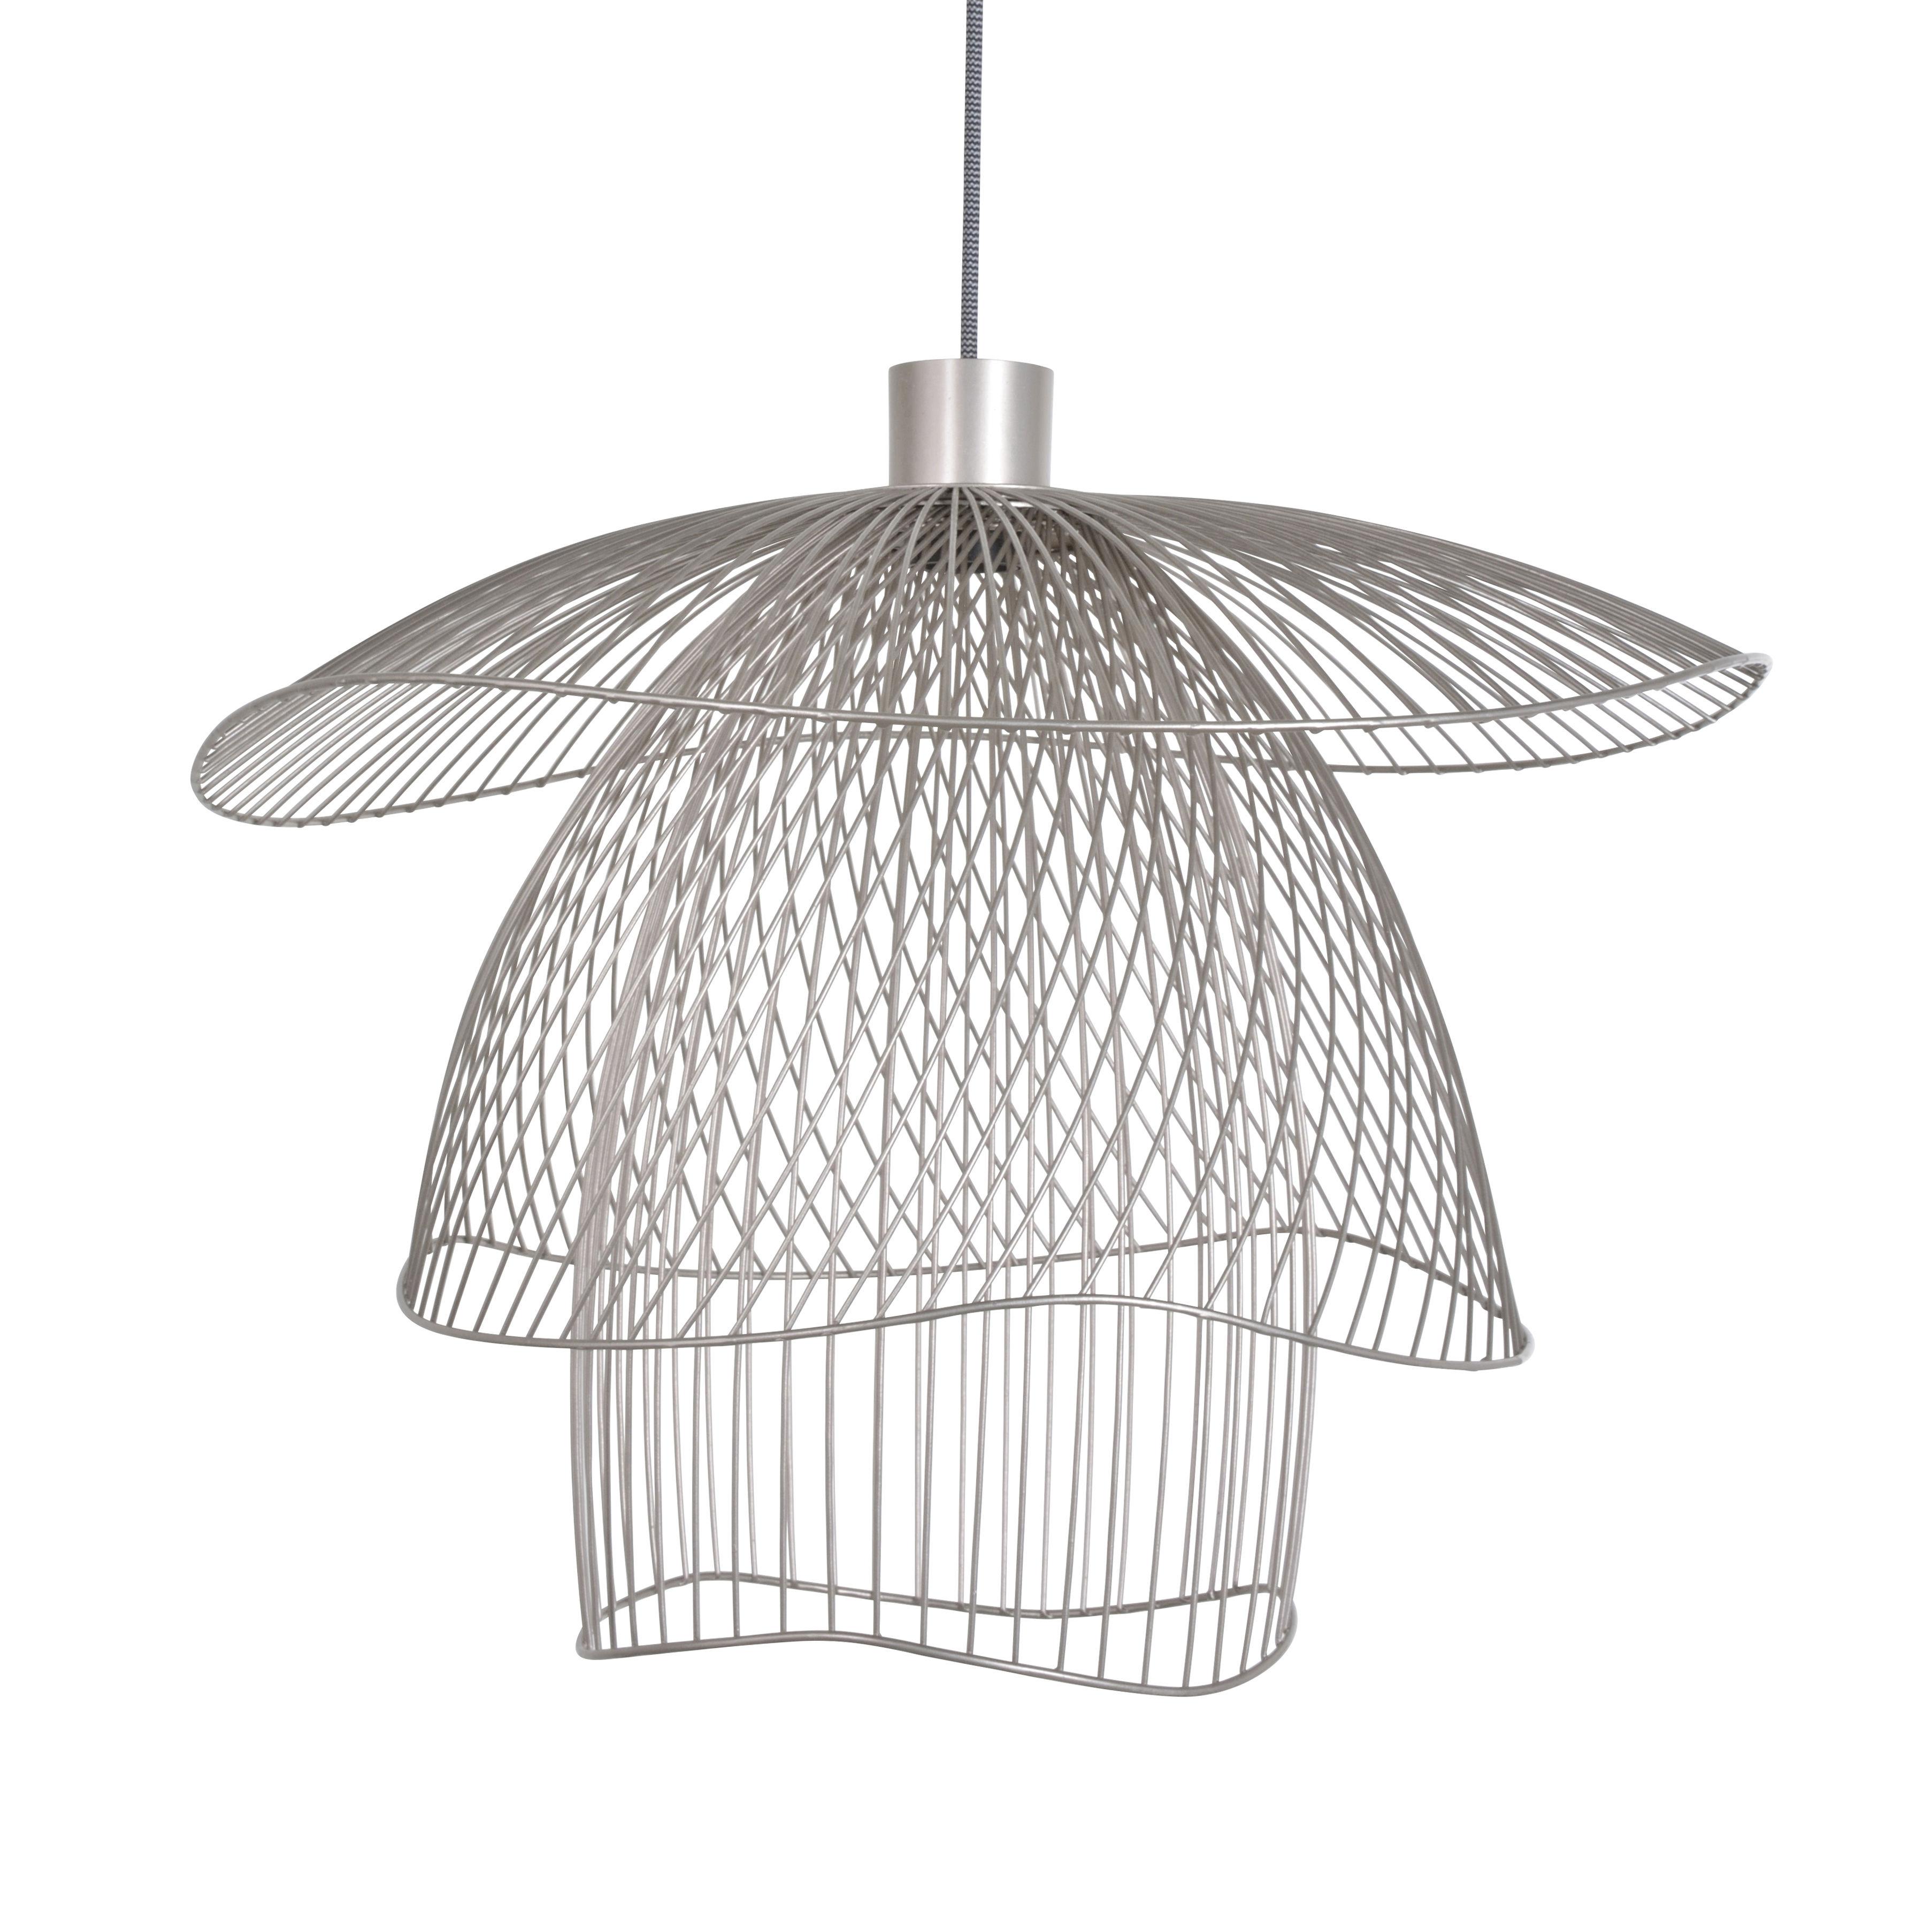 Luminaire - Suspensions - Suspension Papillon Small / Ø 56 cm - Forestier - Cuivre rose - Acier thermolaqué